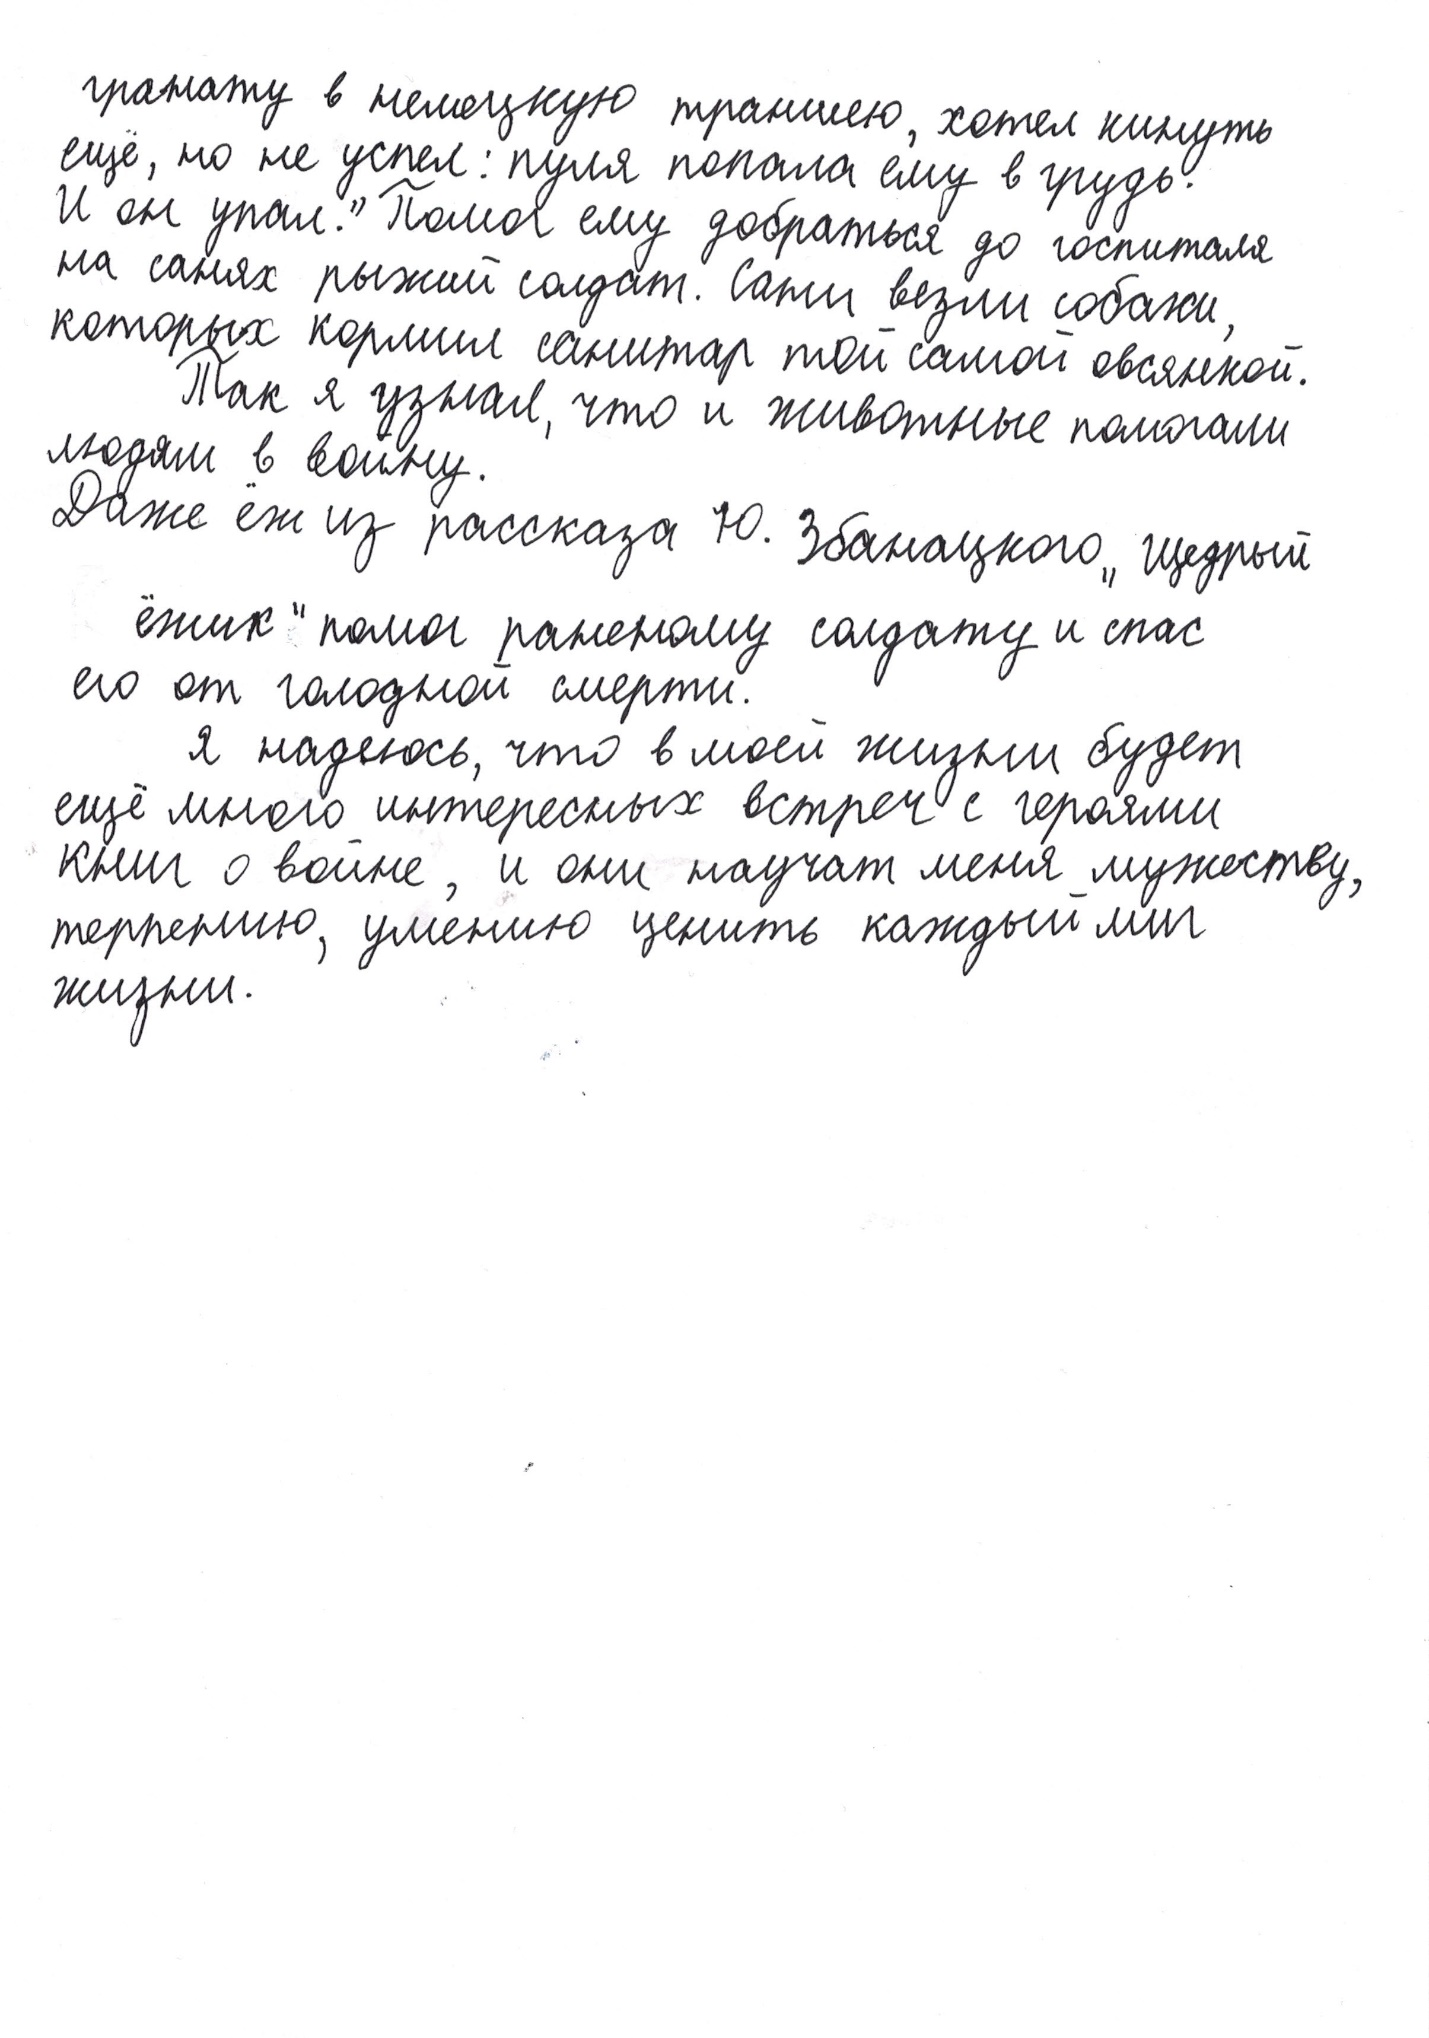 F:\Всероссийское сочинение.СОШ №31.2015ГОД\Ильин Дмитрий.5класс\CCI01012002_0001.jpg